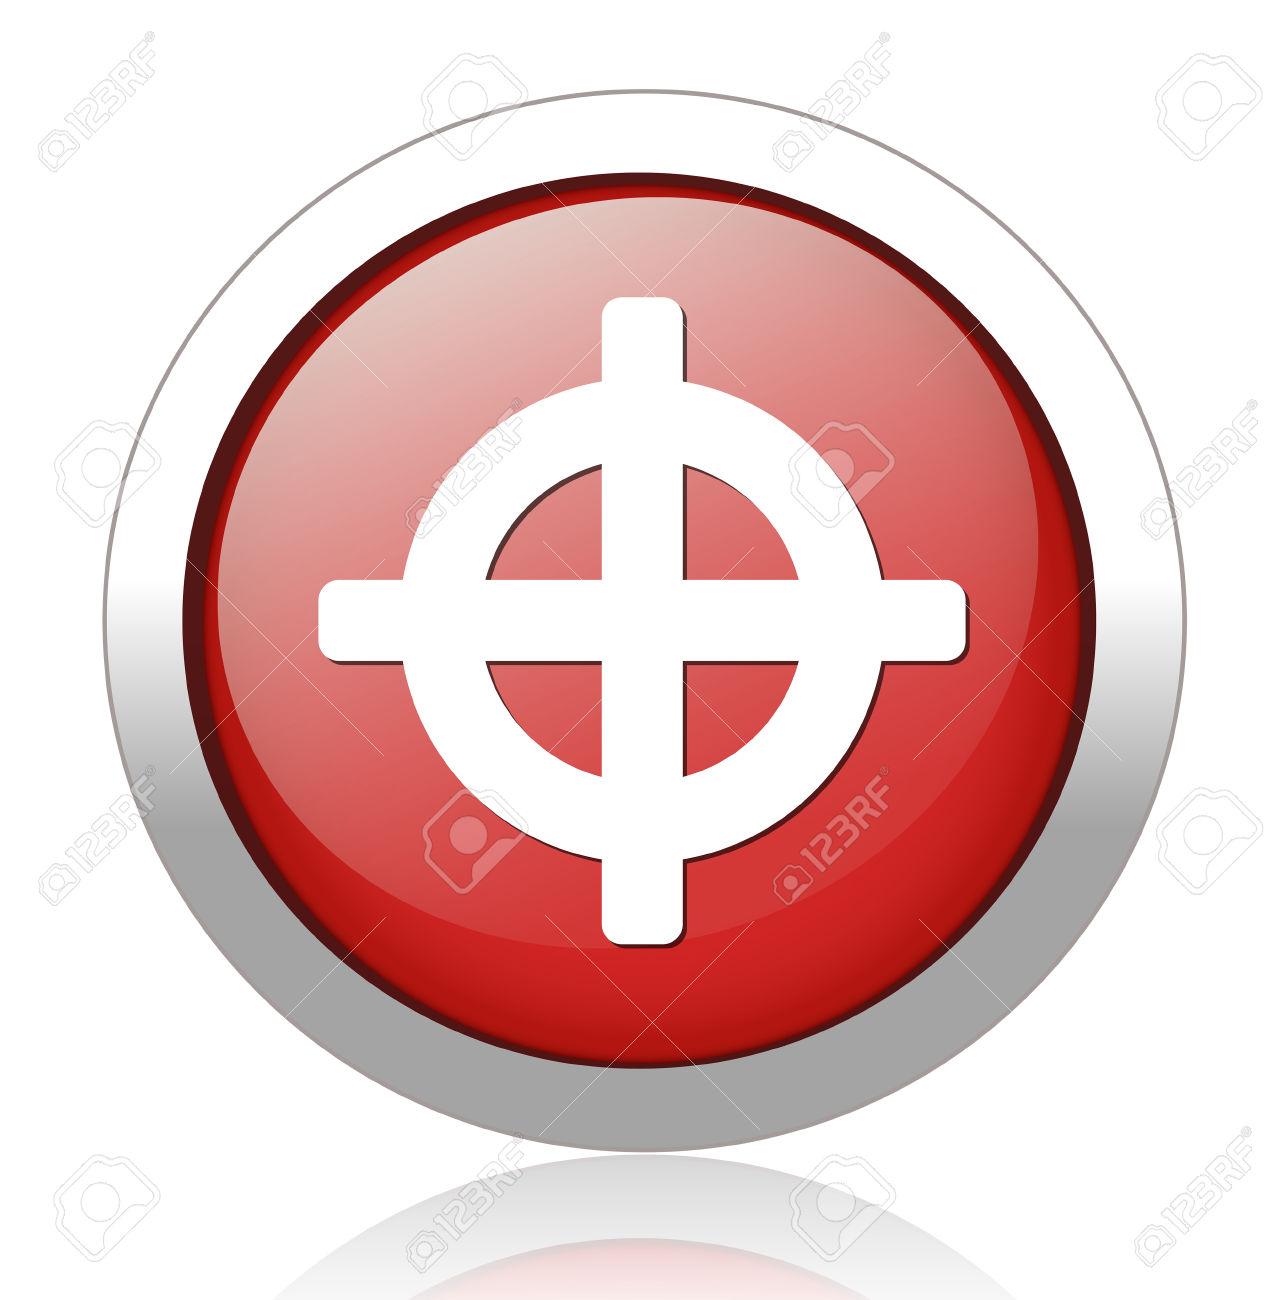 Crosshair Icona Segno. Obiettivo Simbolo Scopo Clipart Royalty.